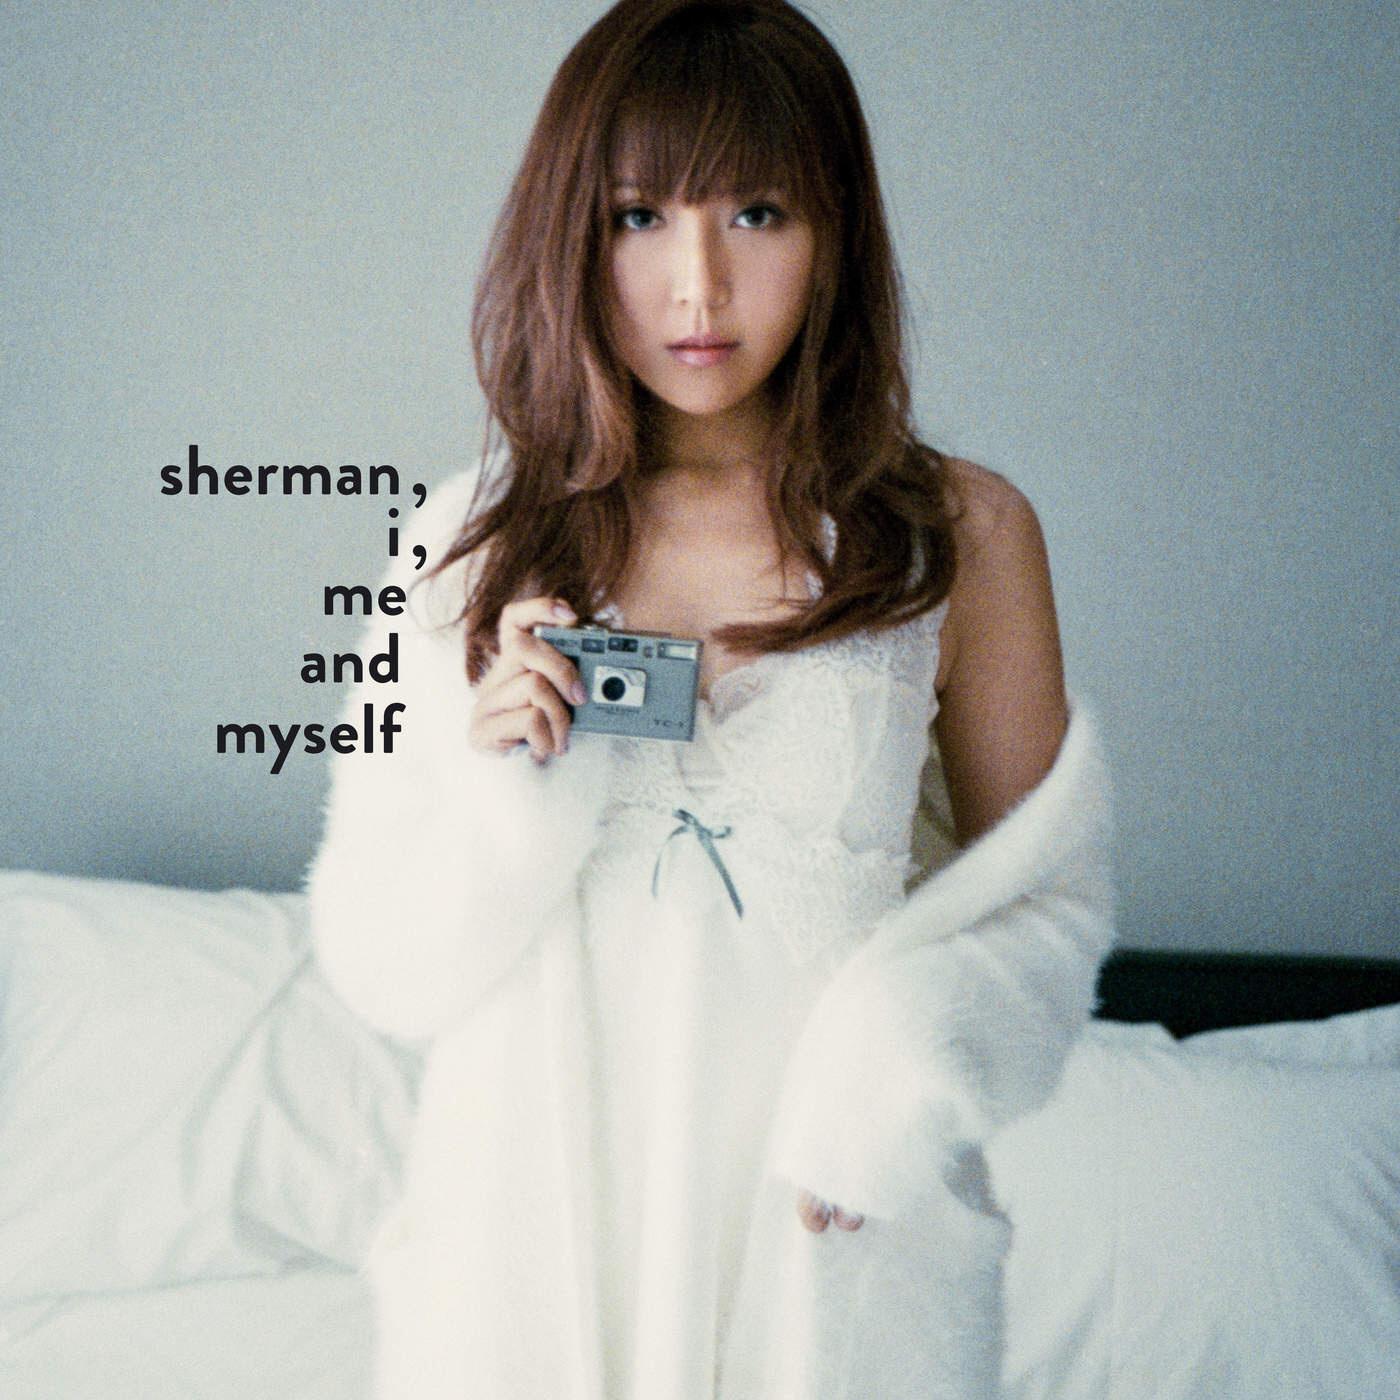 钟舒漫 Sherman, I, Me and Myself